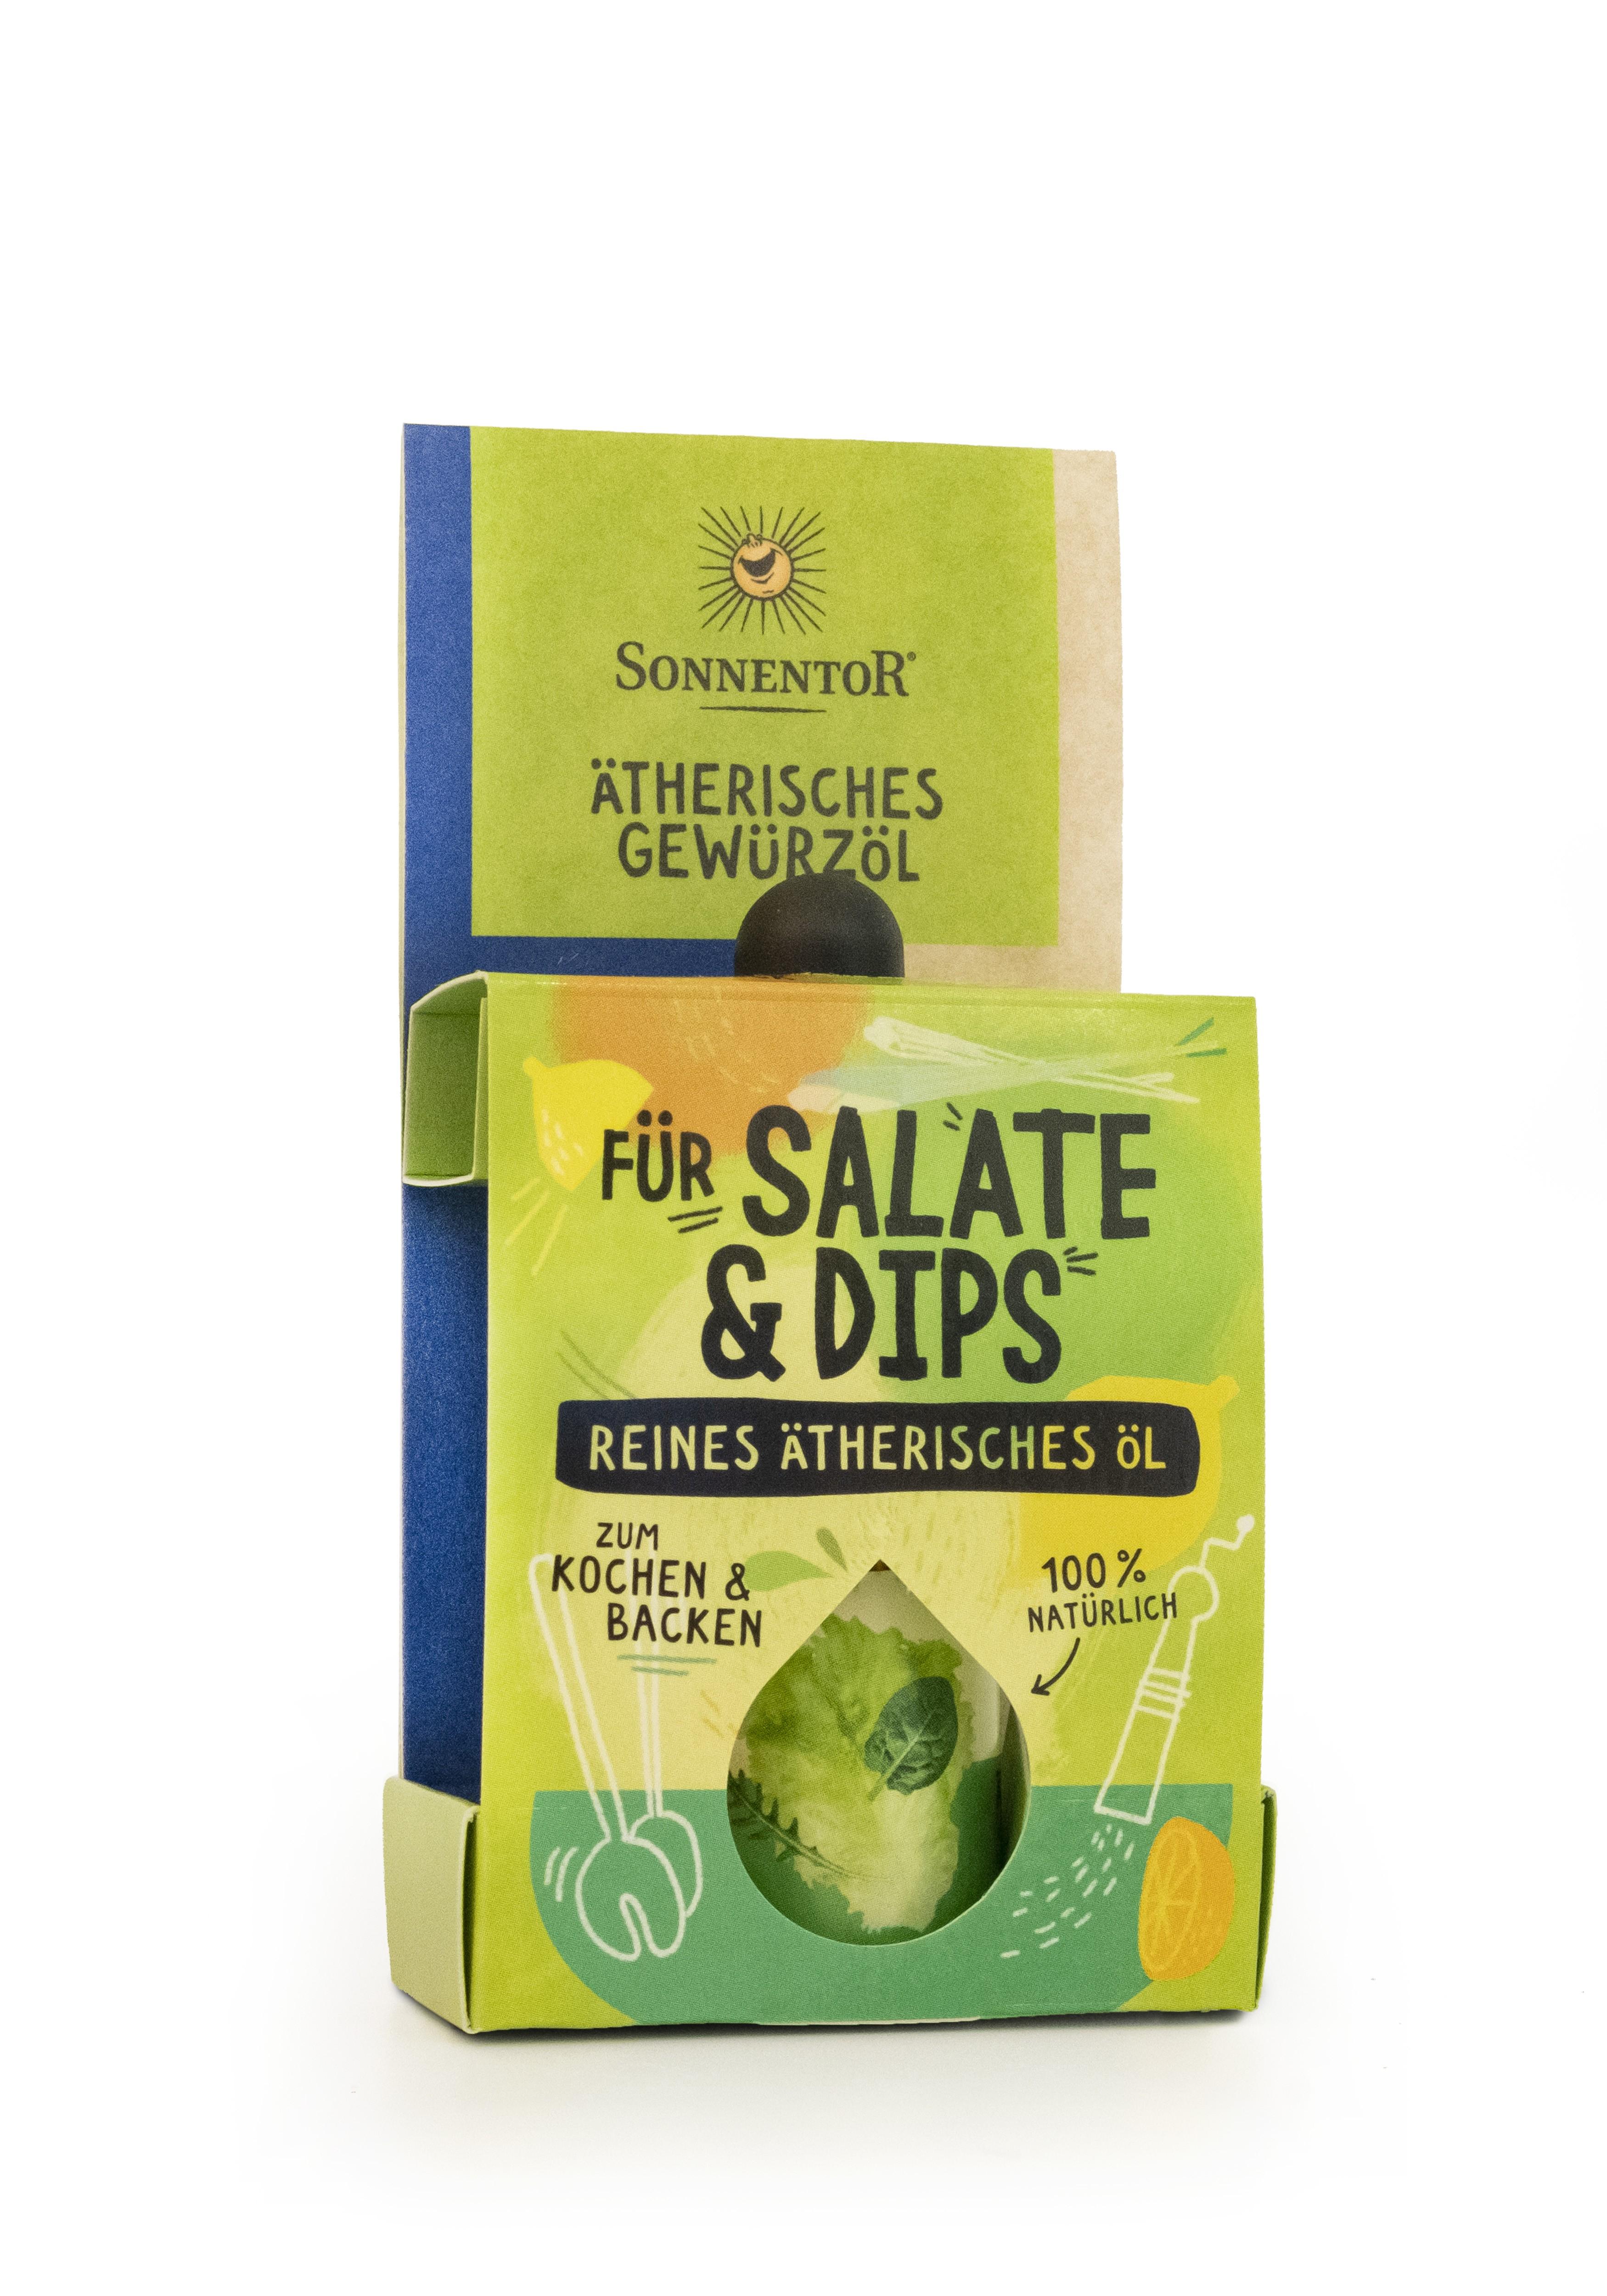 Für Salate und Dips ätherisches Gewürzöl 4,5ml bio